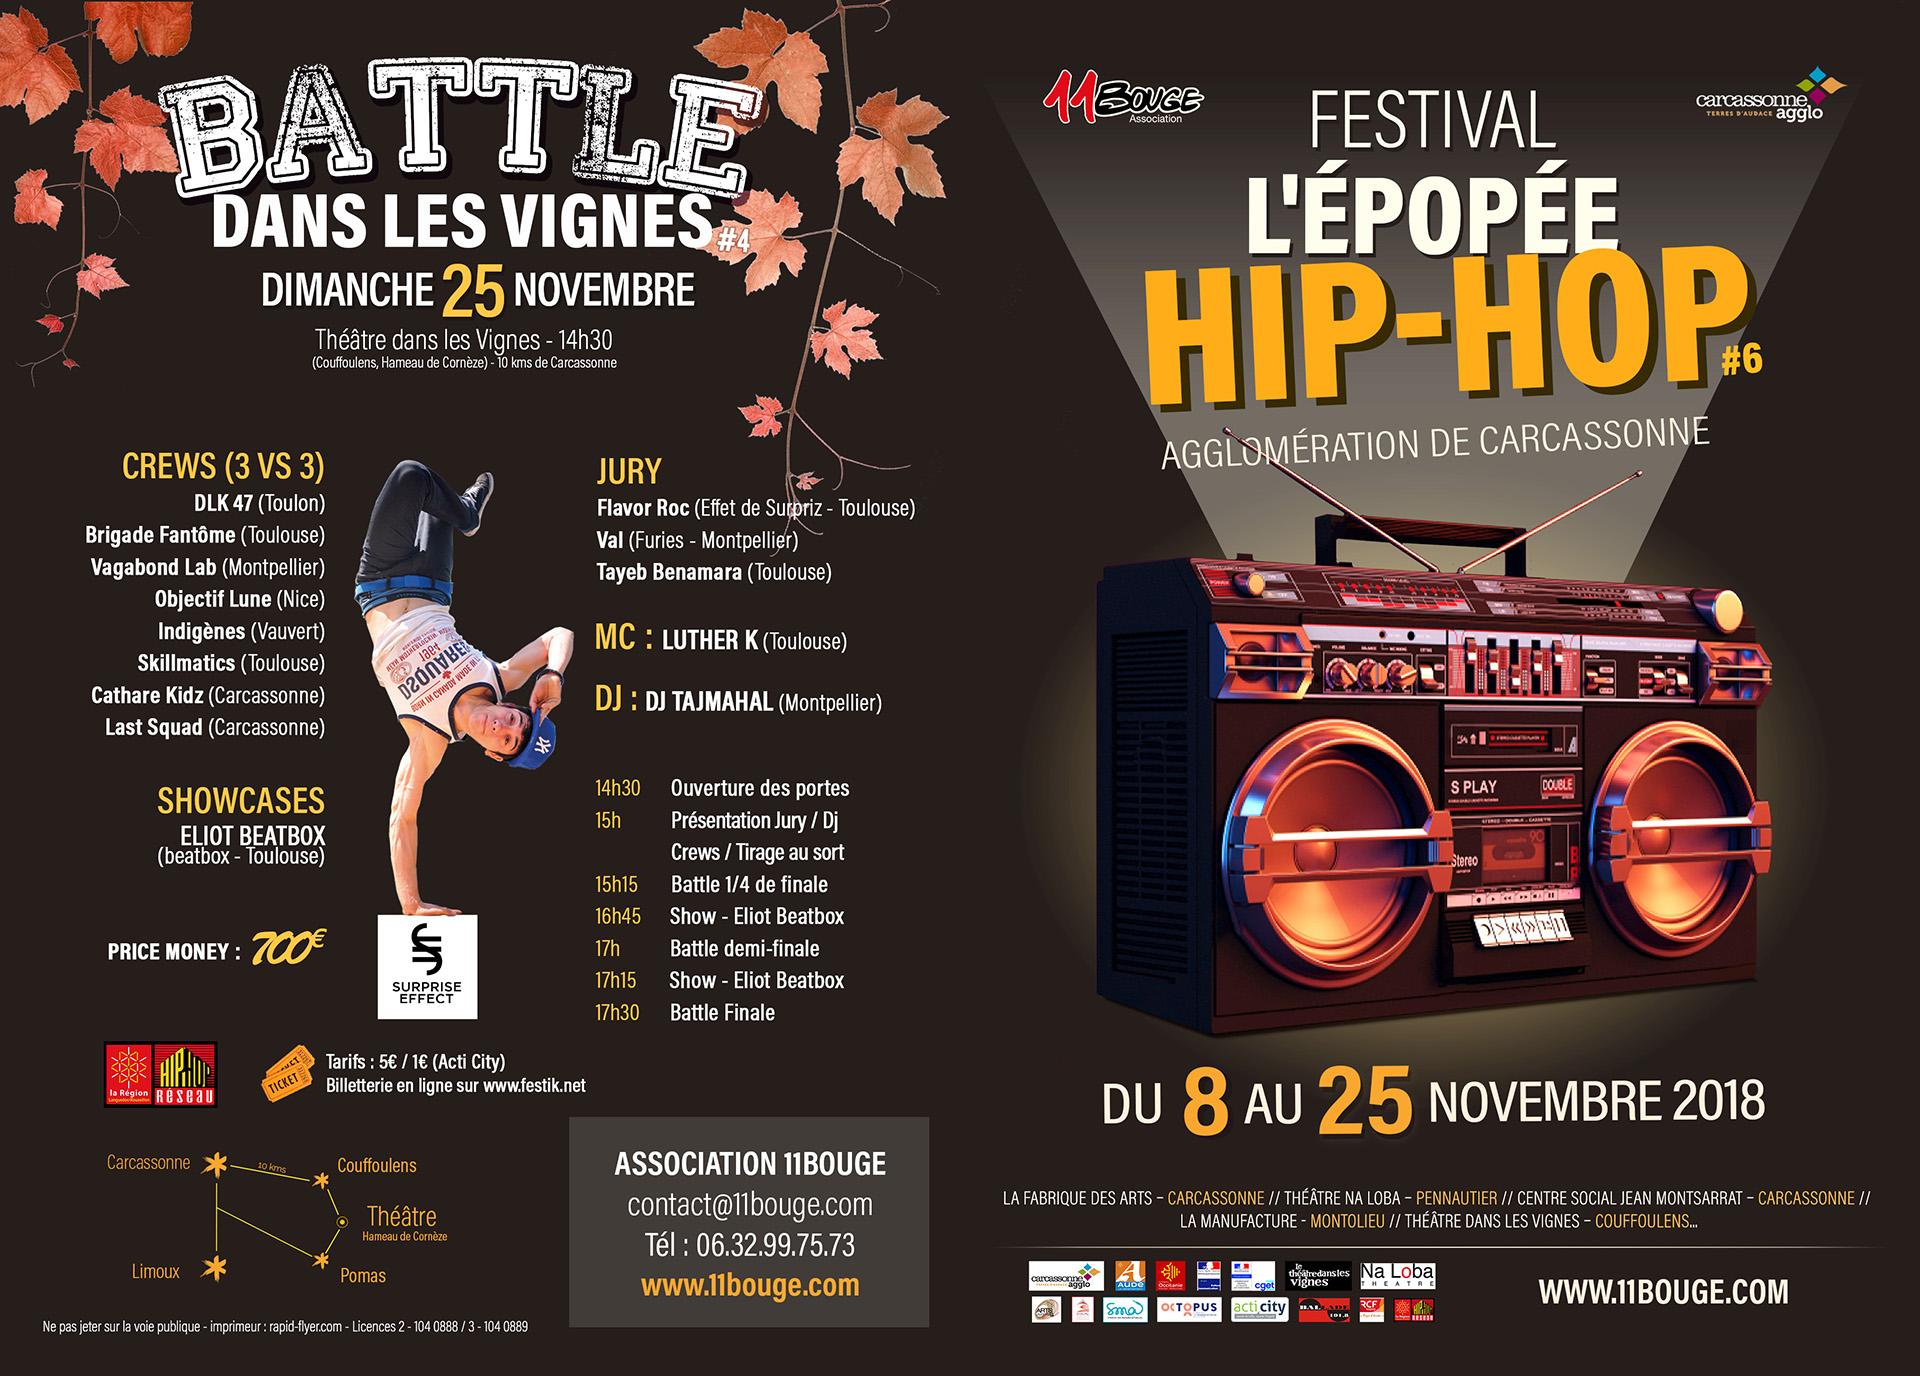 Festival L'Epopée Hip-Hop 2018